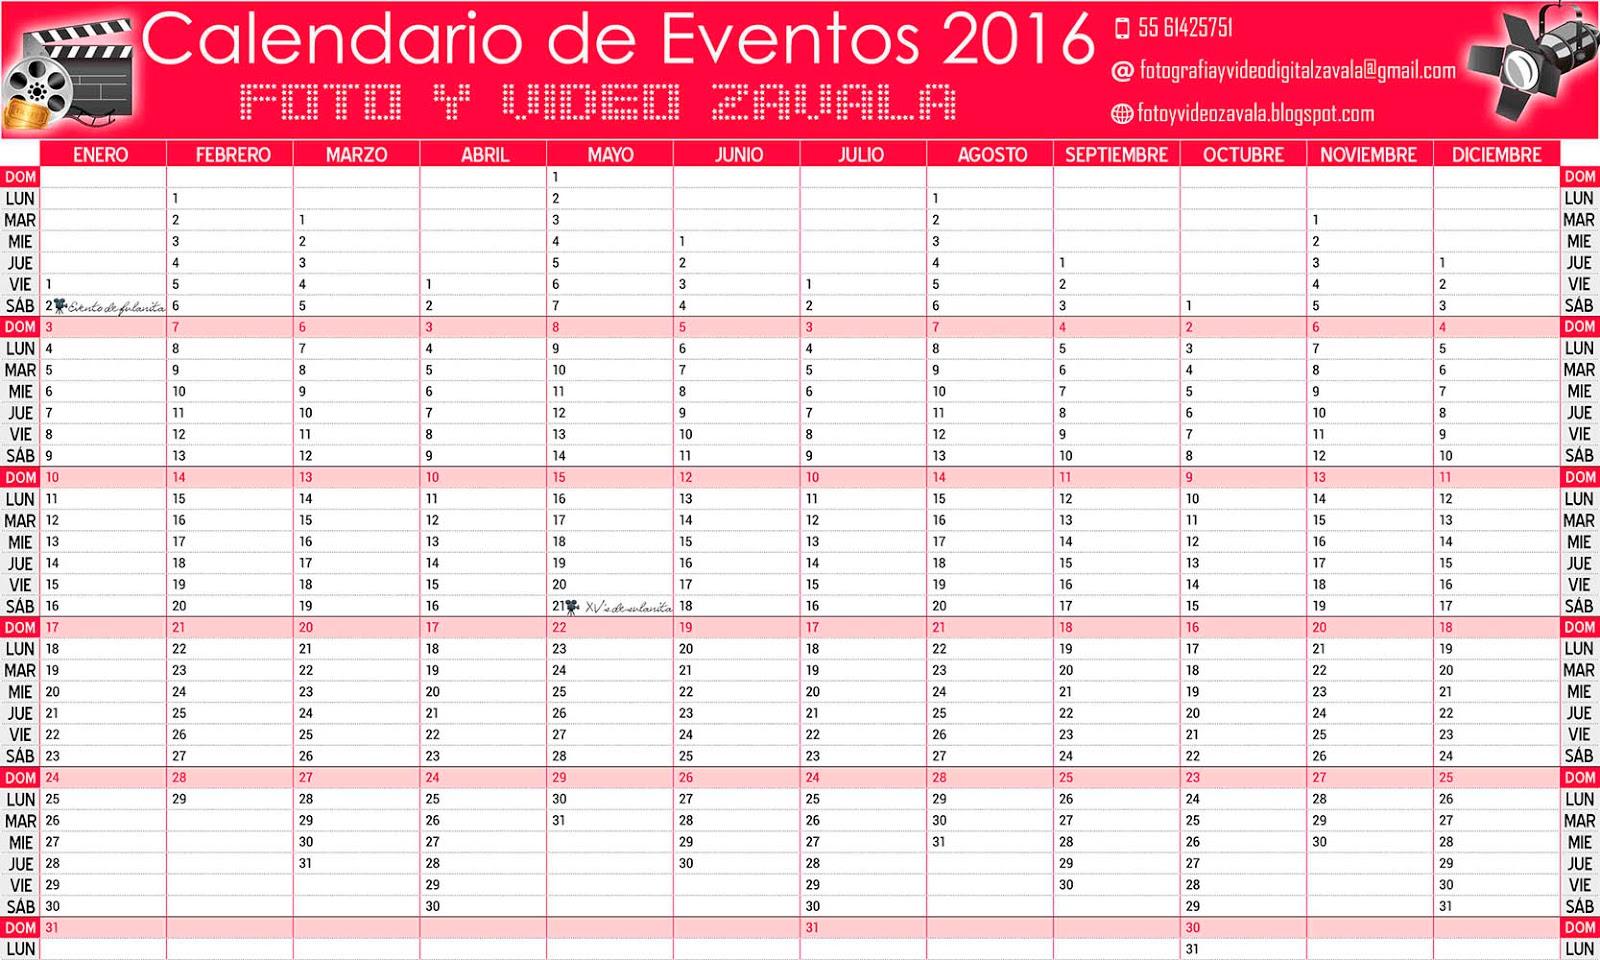 Calendario agenda de eventos 2016 - Calendarios para Photoshop gratis.